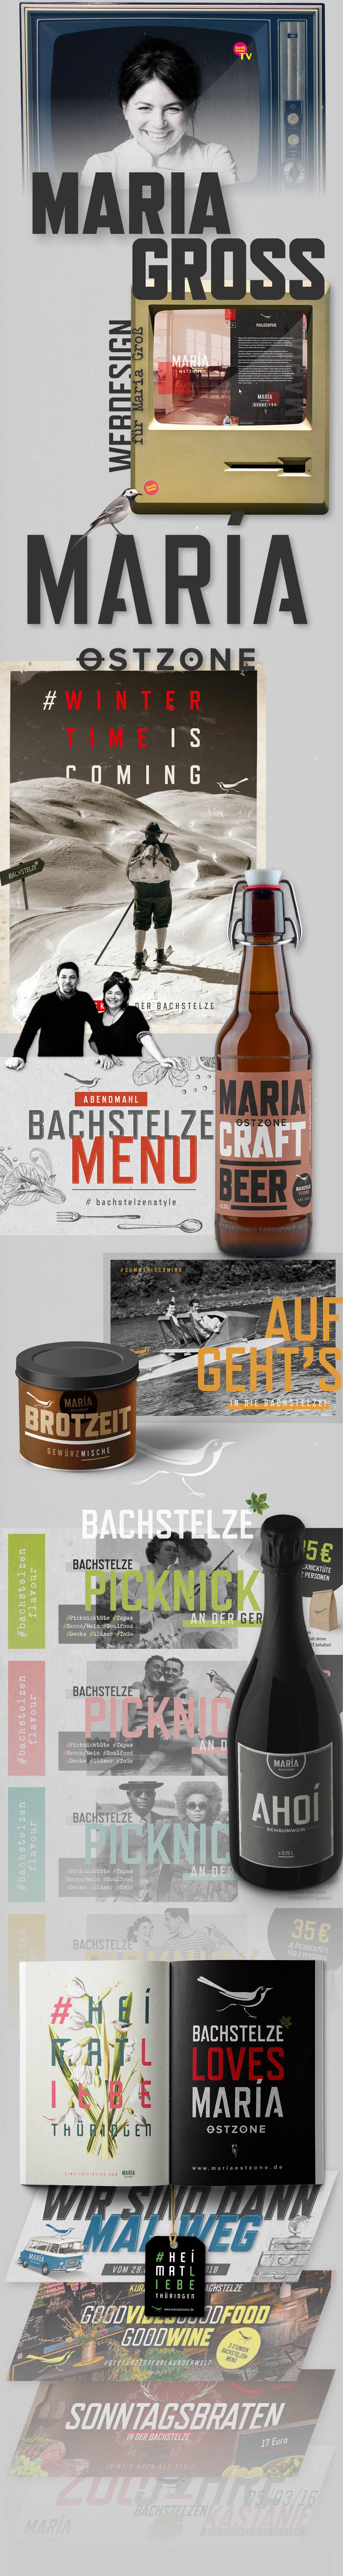 Samt&Seidel_MariaOstzone_Design_01